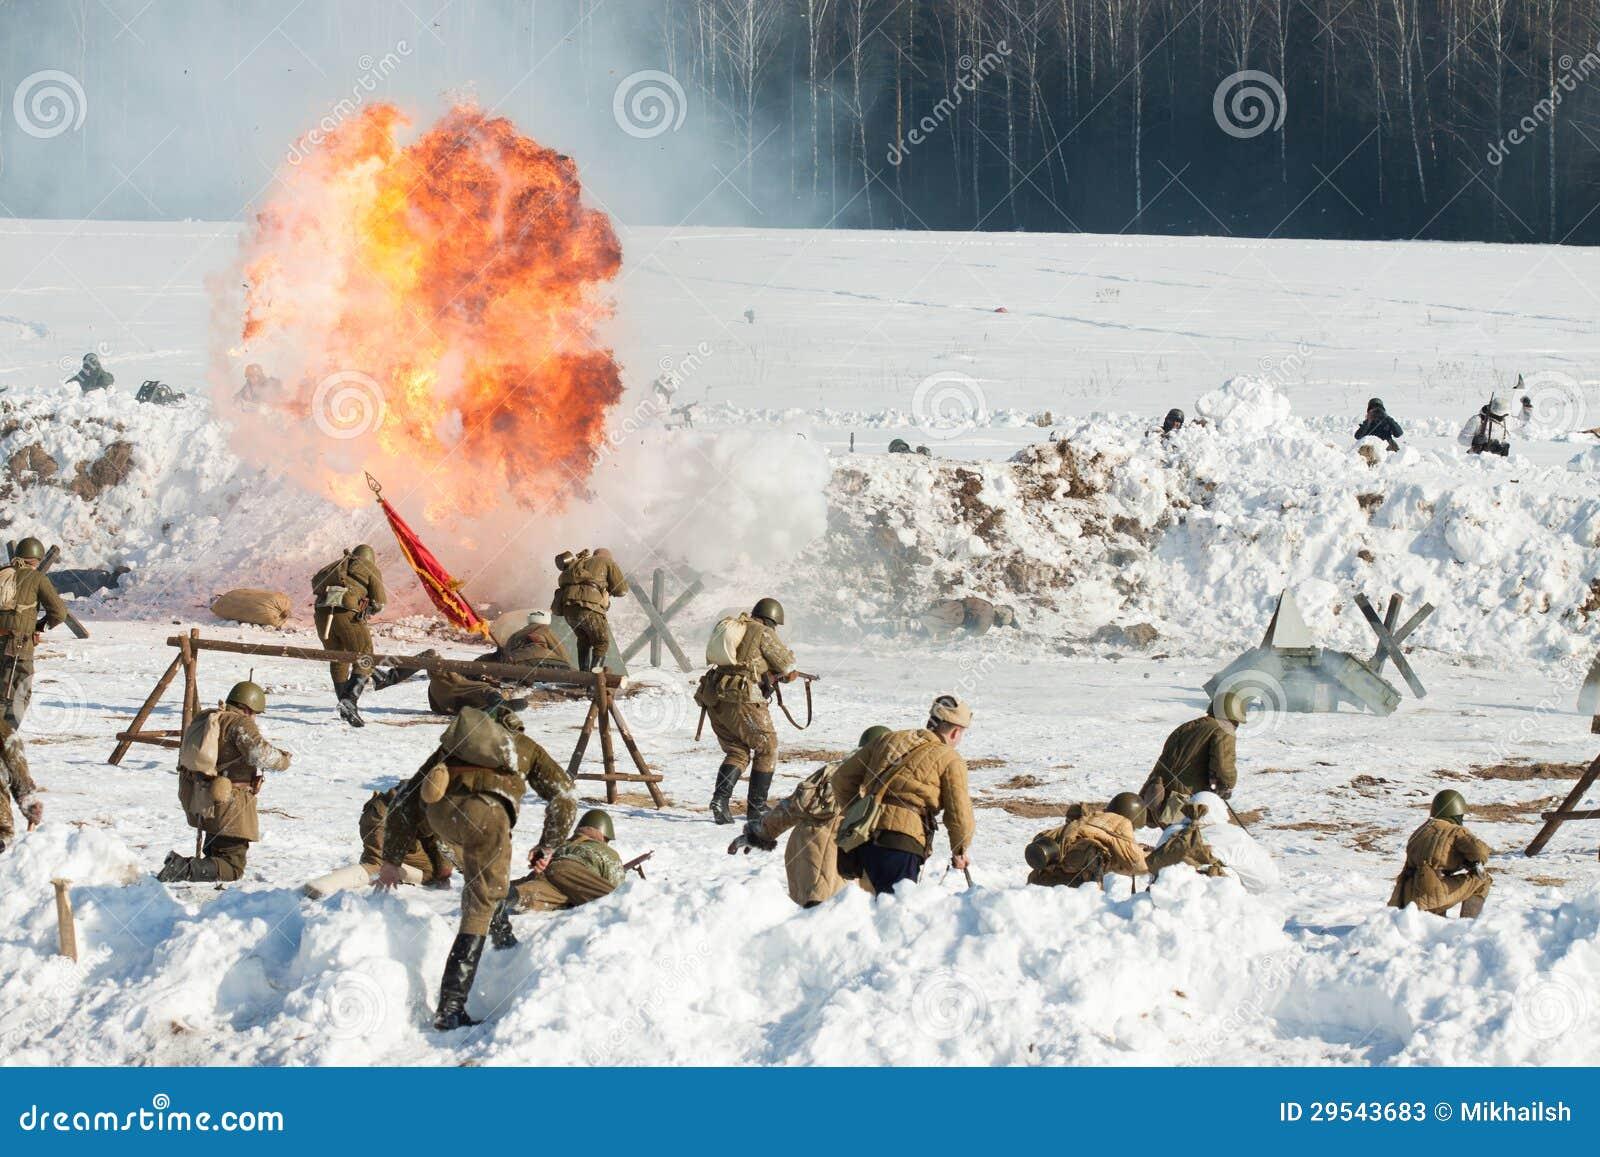 Αναδημιουργία των γεγονότων το 1943 που τελειώνουν τη μάχη Stalingrad.